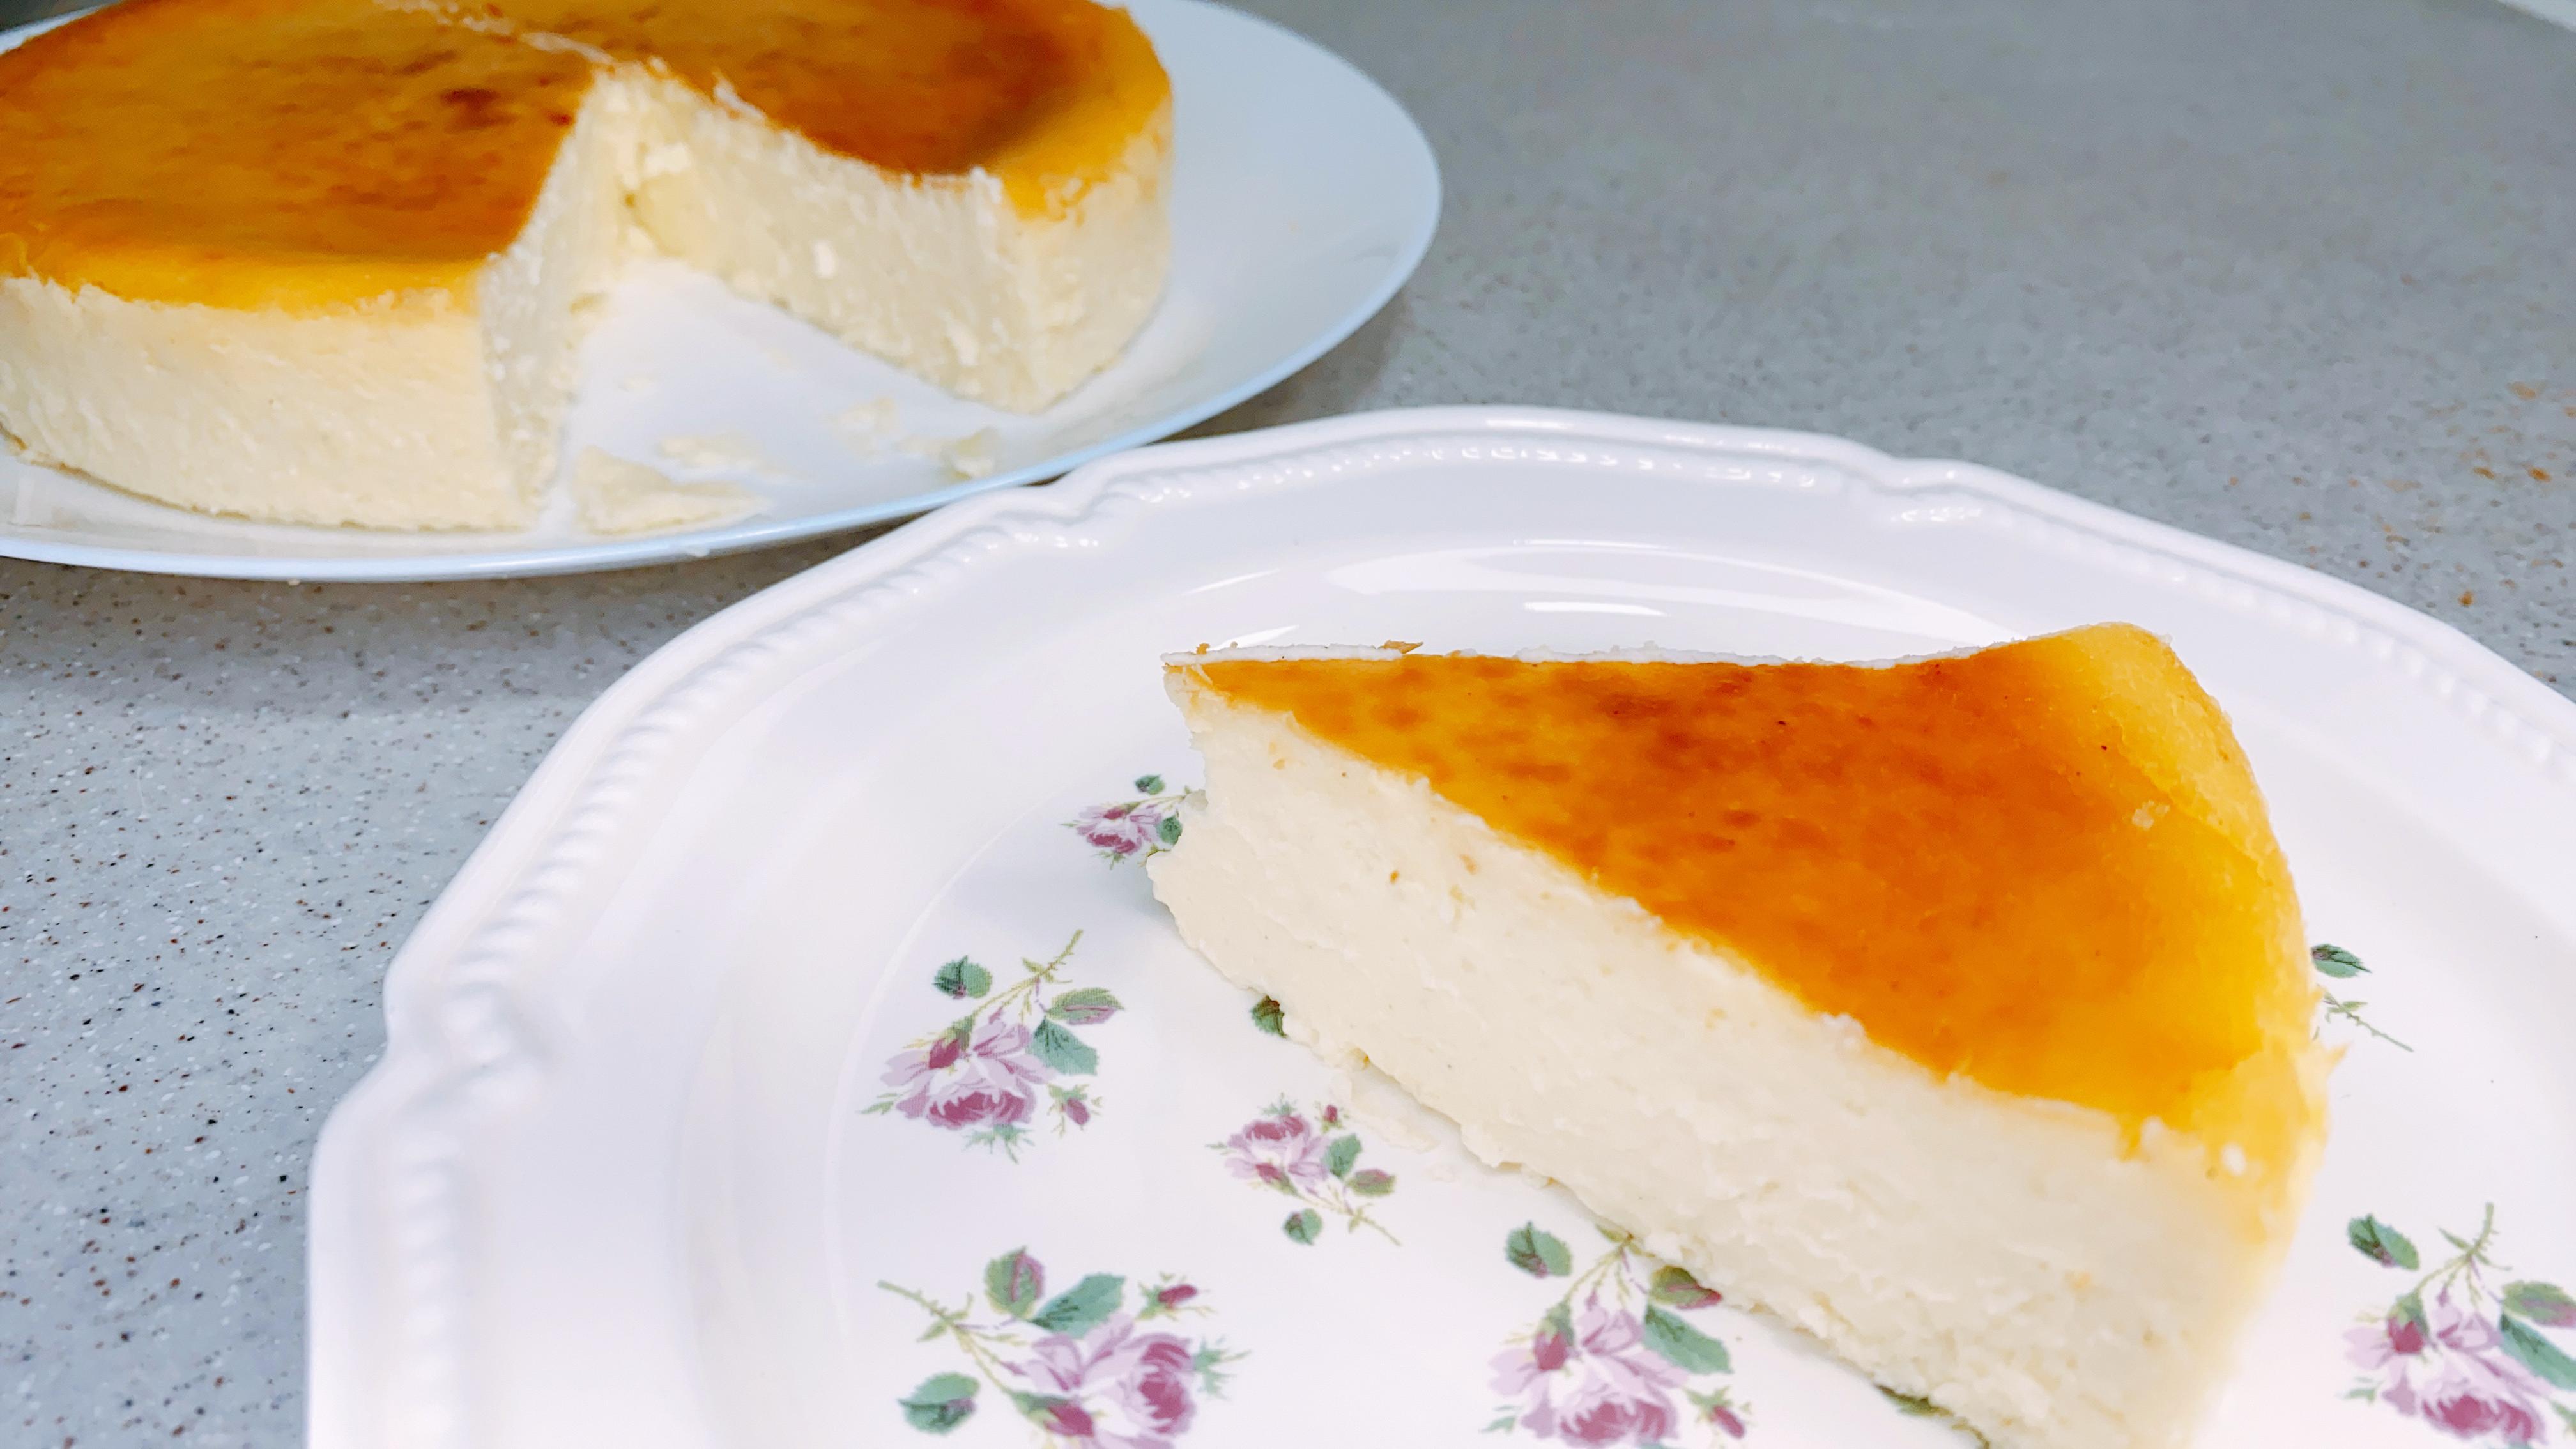 Mr. Cheesecake 起司蛋糕